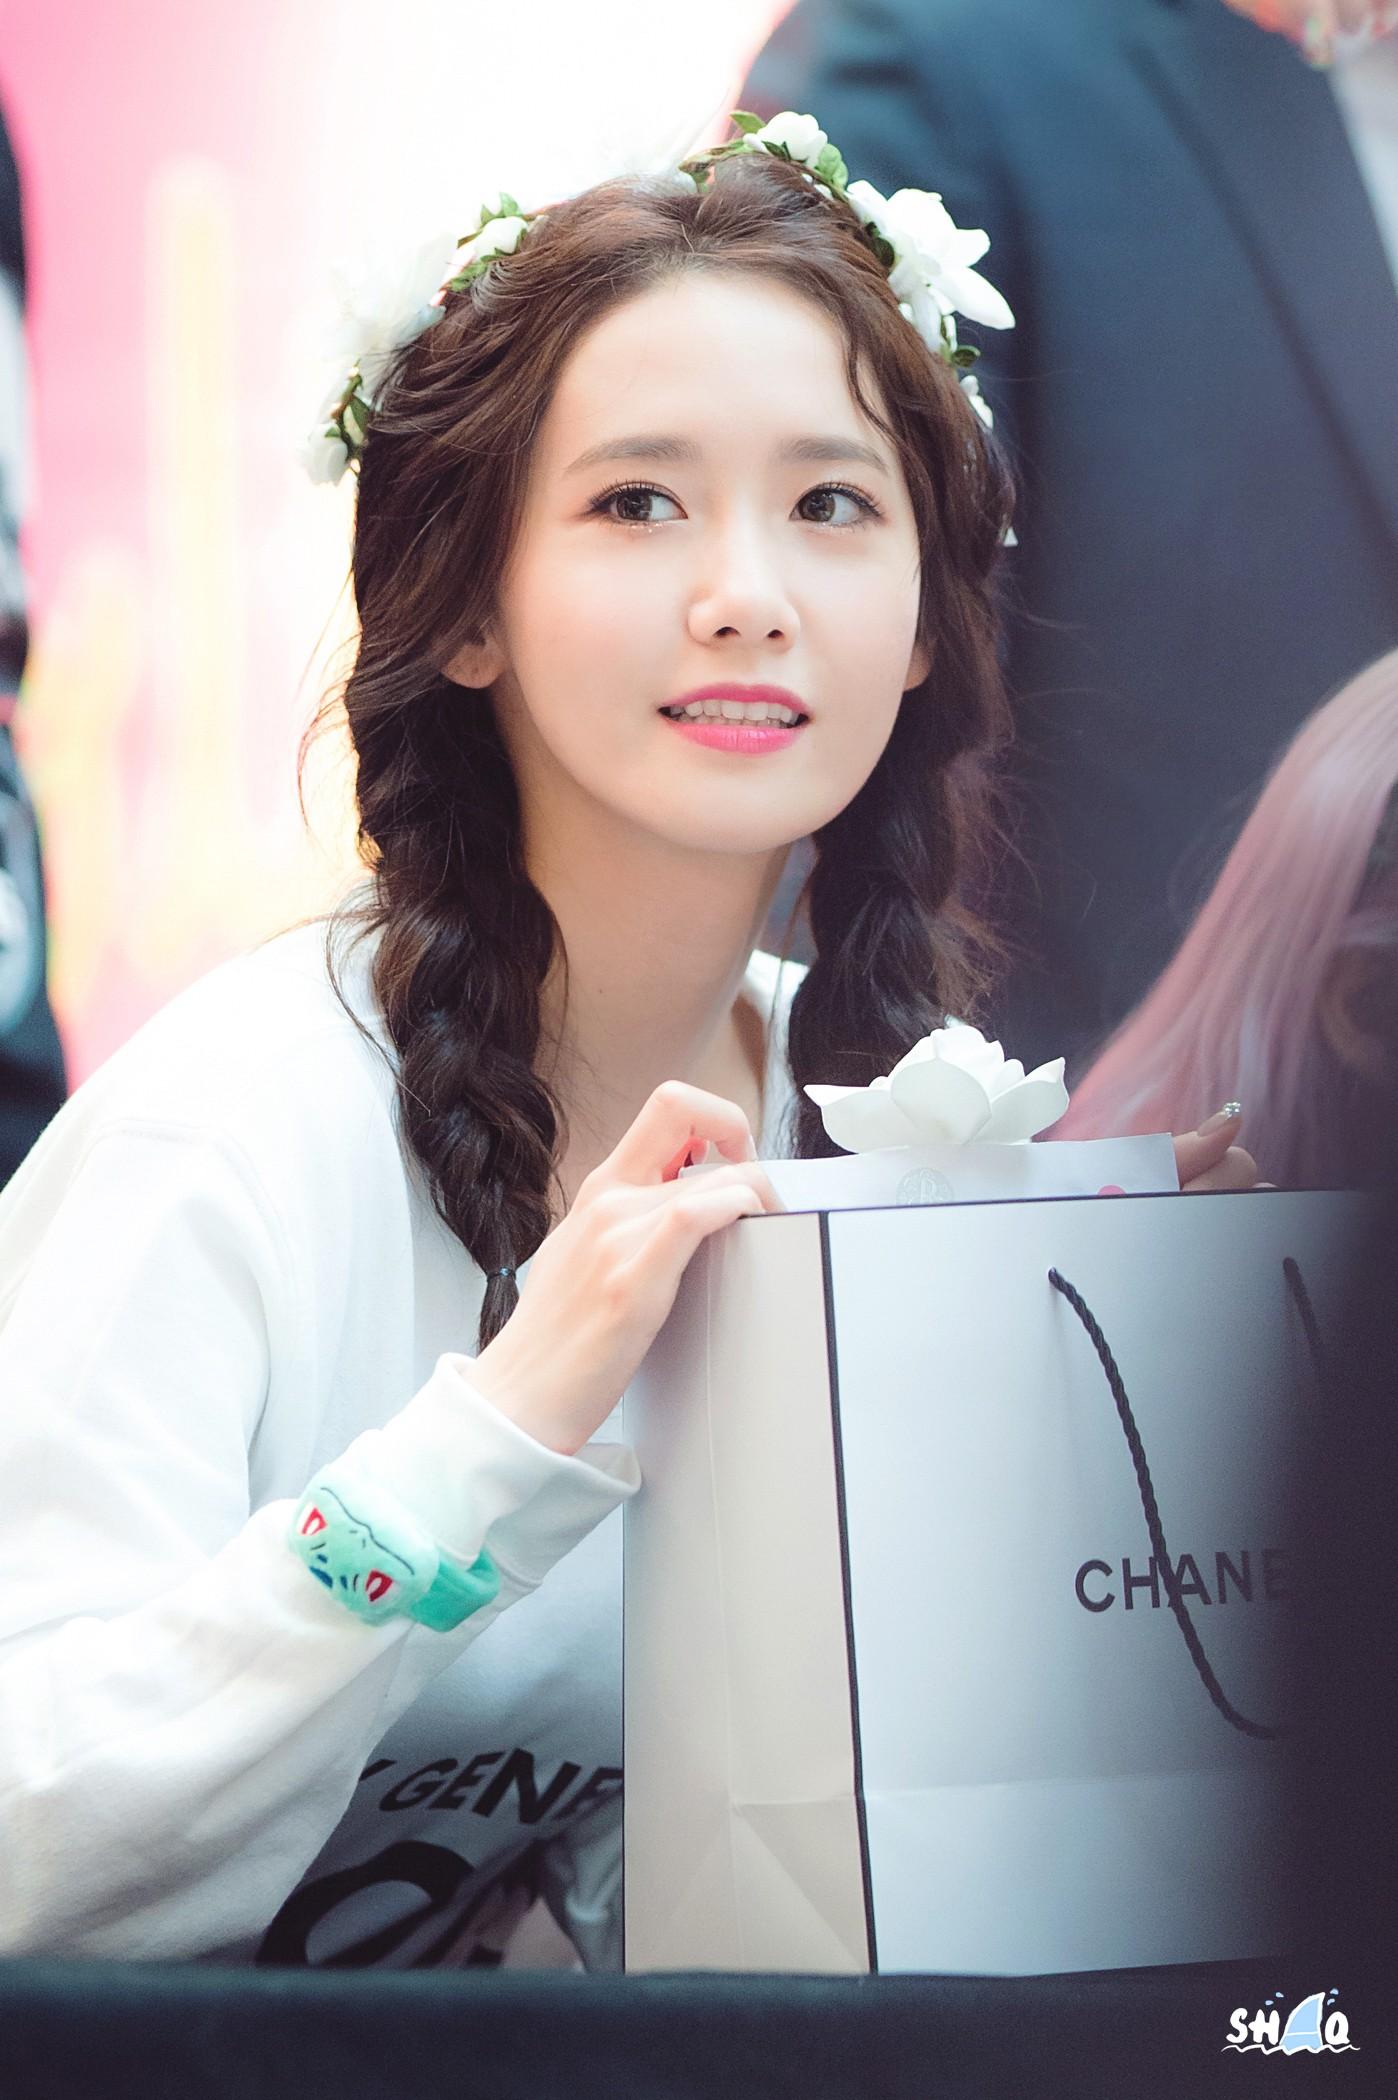 Đã cắt phăng mái tóc dài thì chớ, giờ đây Yoona còn man hơn bao giờ hết - Ảnh 3.